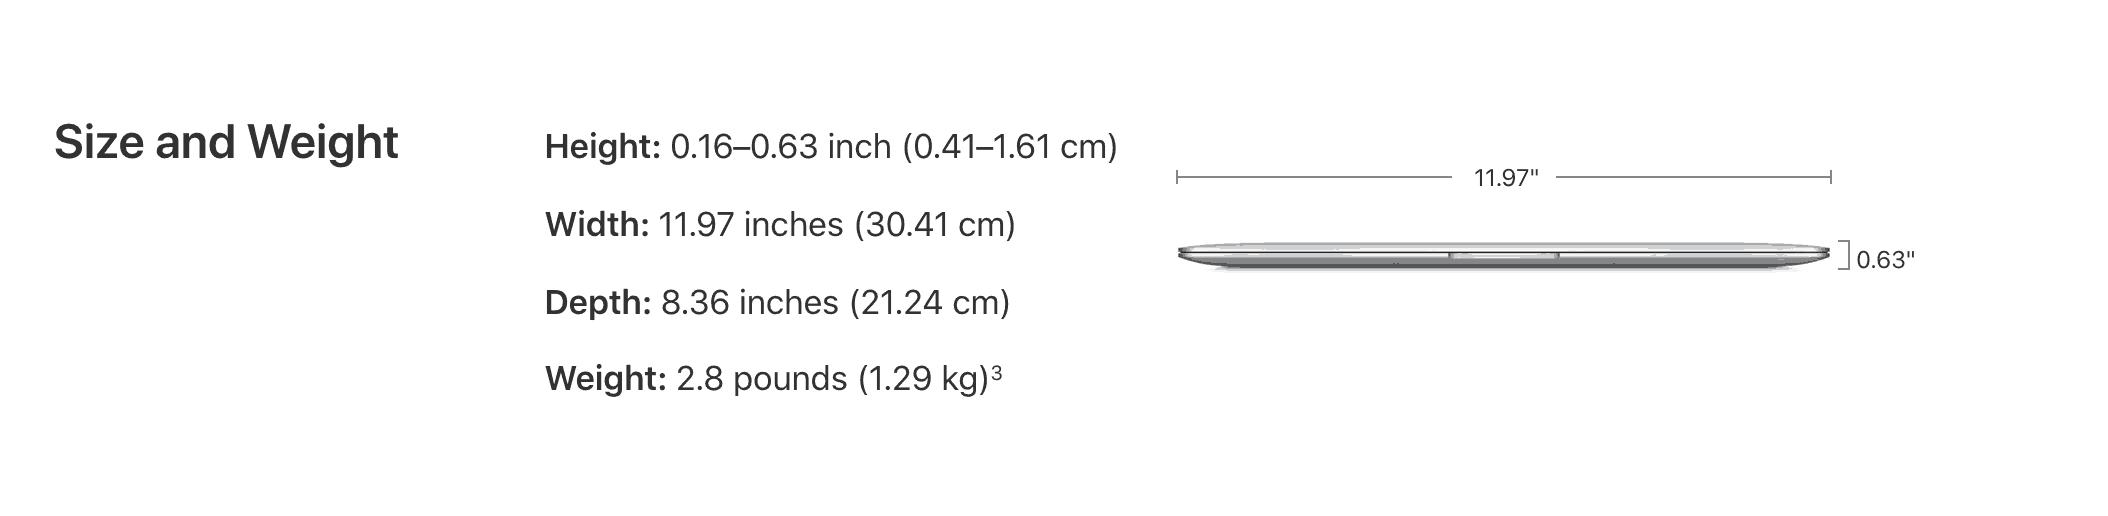 Trọng lượng và cân nặng MacbookAir 2020 - laptopvang.com